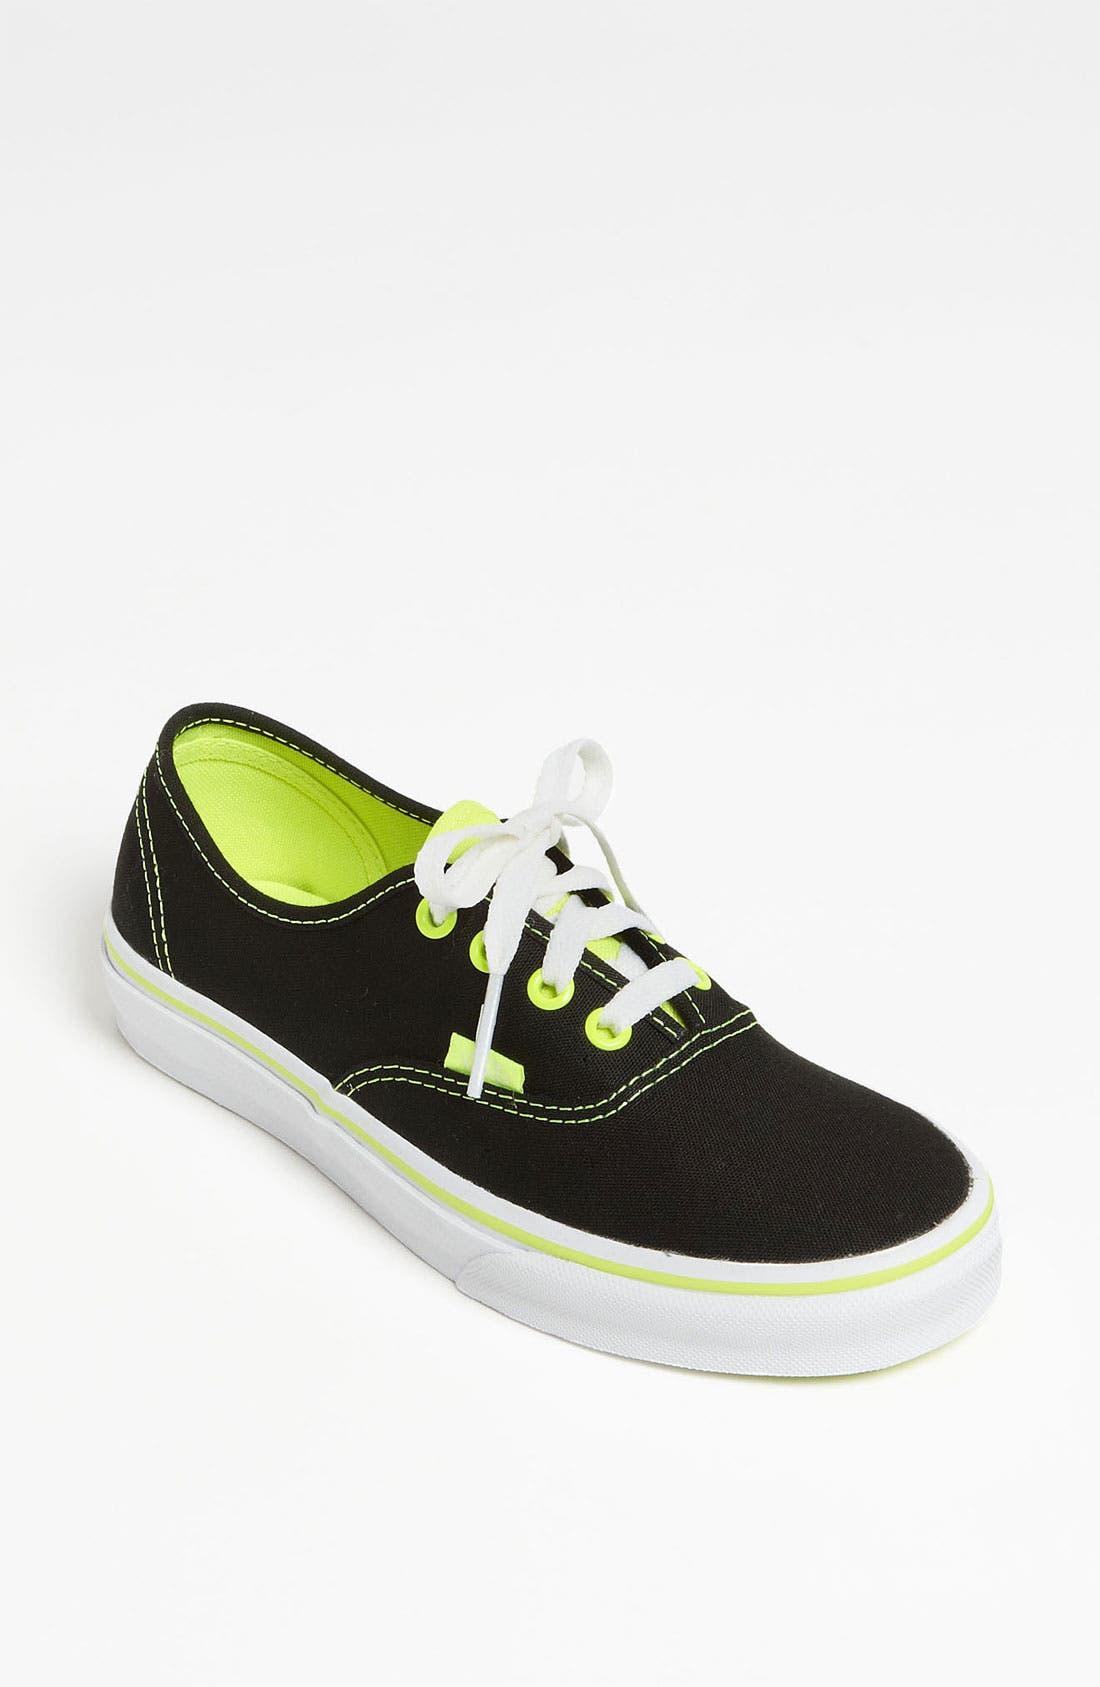 Main Image - Vans 'Authentic - Neon Pop' Sneaker (Women)